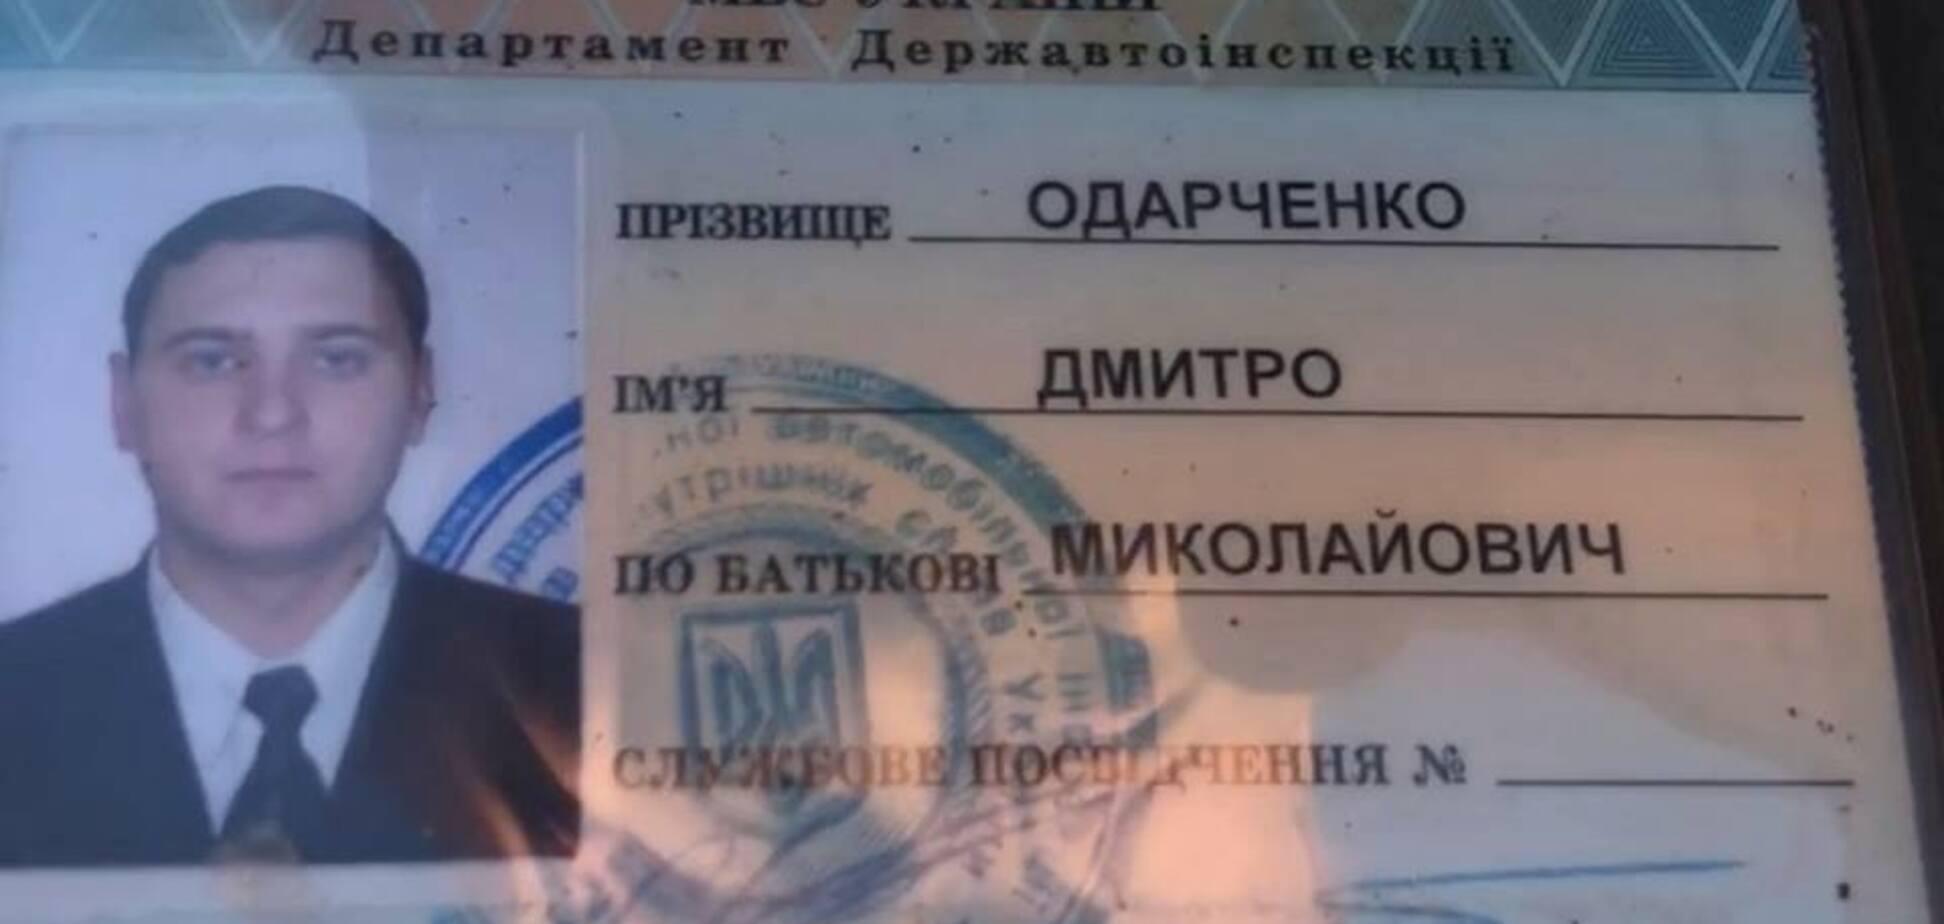 Виявився 'фальшивкою': спливли подробиці про учасника смертельного ДТП під Харковом